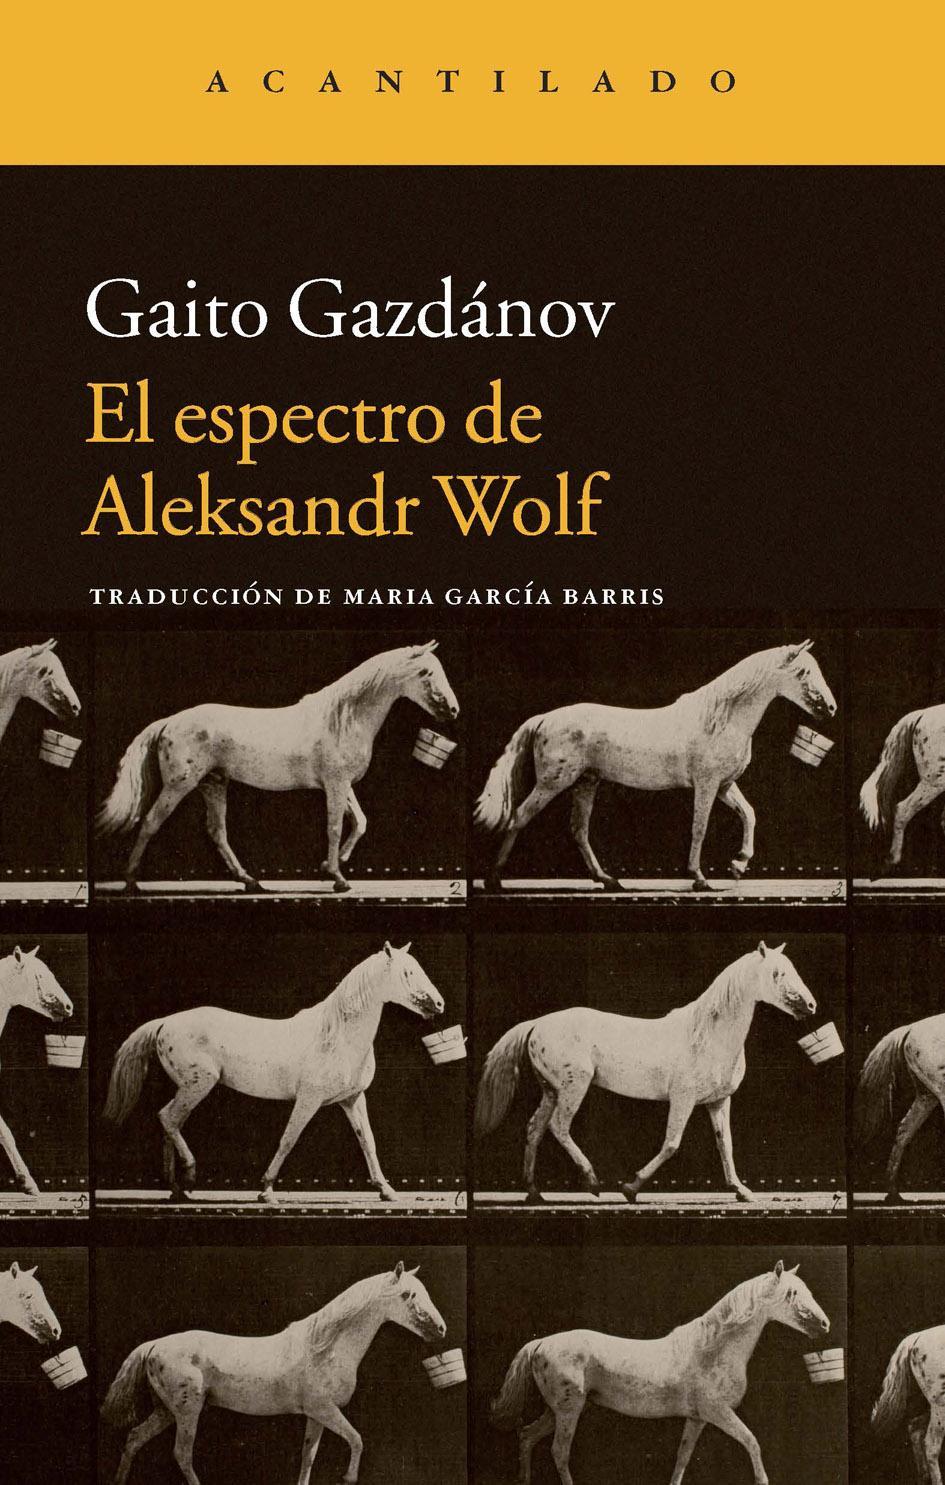 El espectro de Aleksandr Wolf